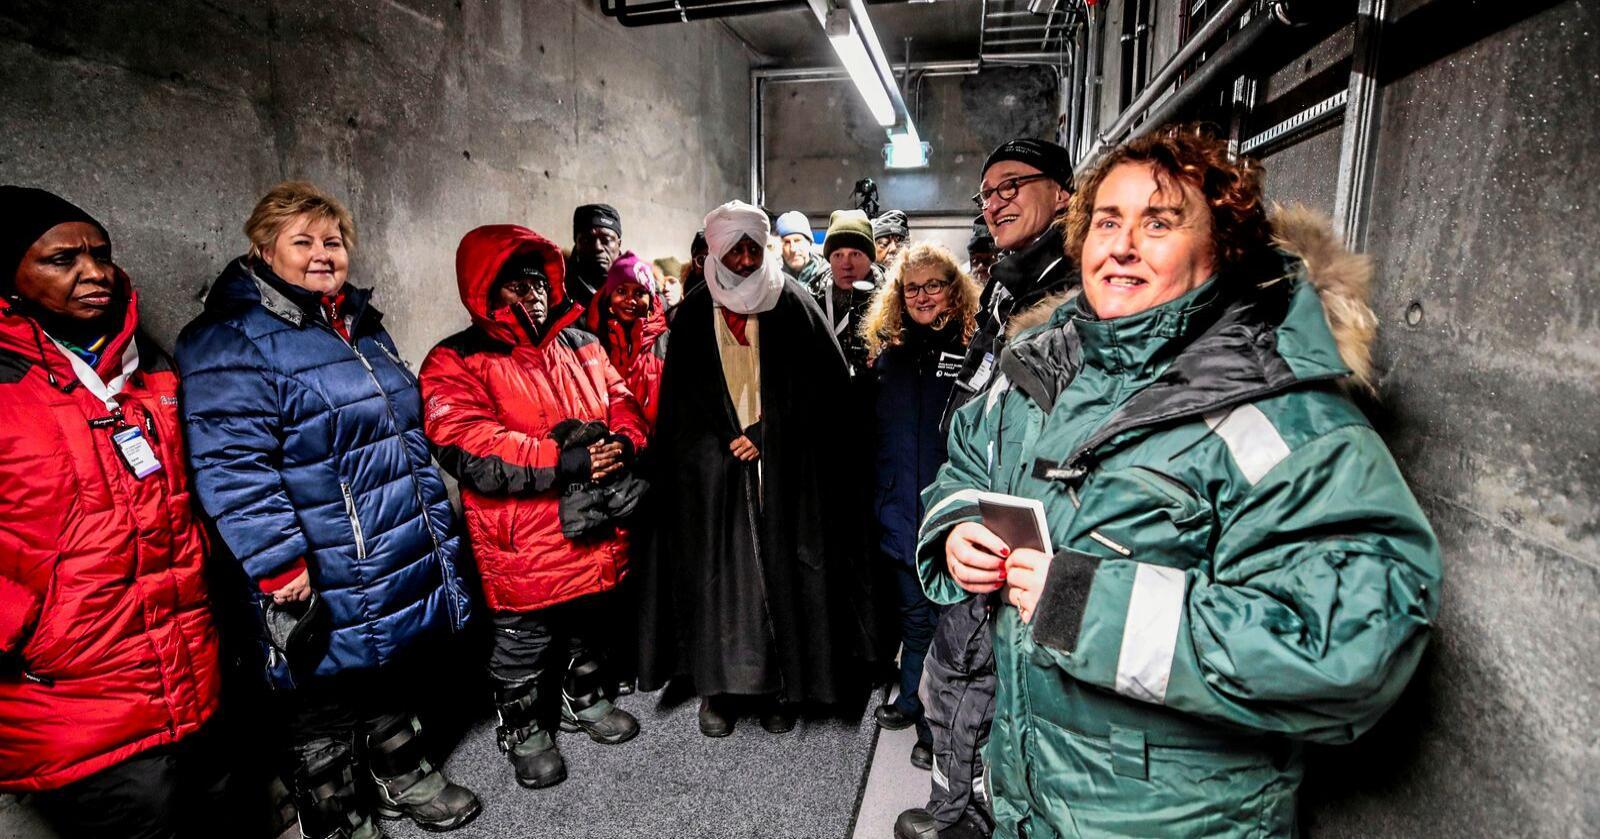 Landbruks- og matminister Olaug Bollestad og  statsminister Erna Solberg besøkte Svalbard globale frøhvelv i februar da representanter for mange land og universiteter ankom hvelvet med nye frø. Foto: Lise Åserud / NTB scanpix